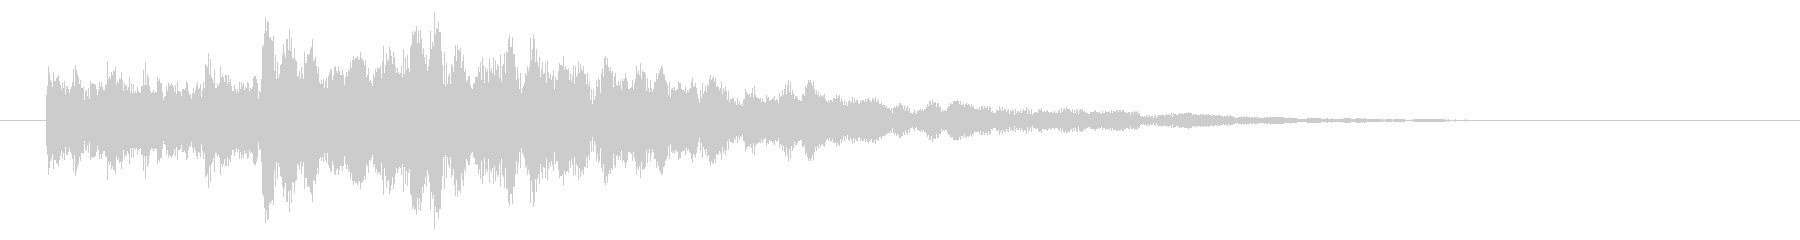 システム・ボタン音3の未再生の波形